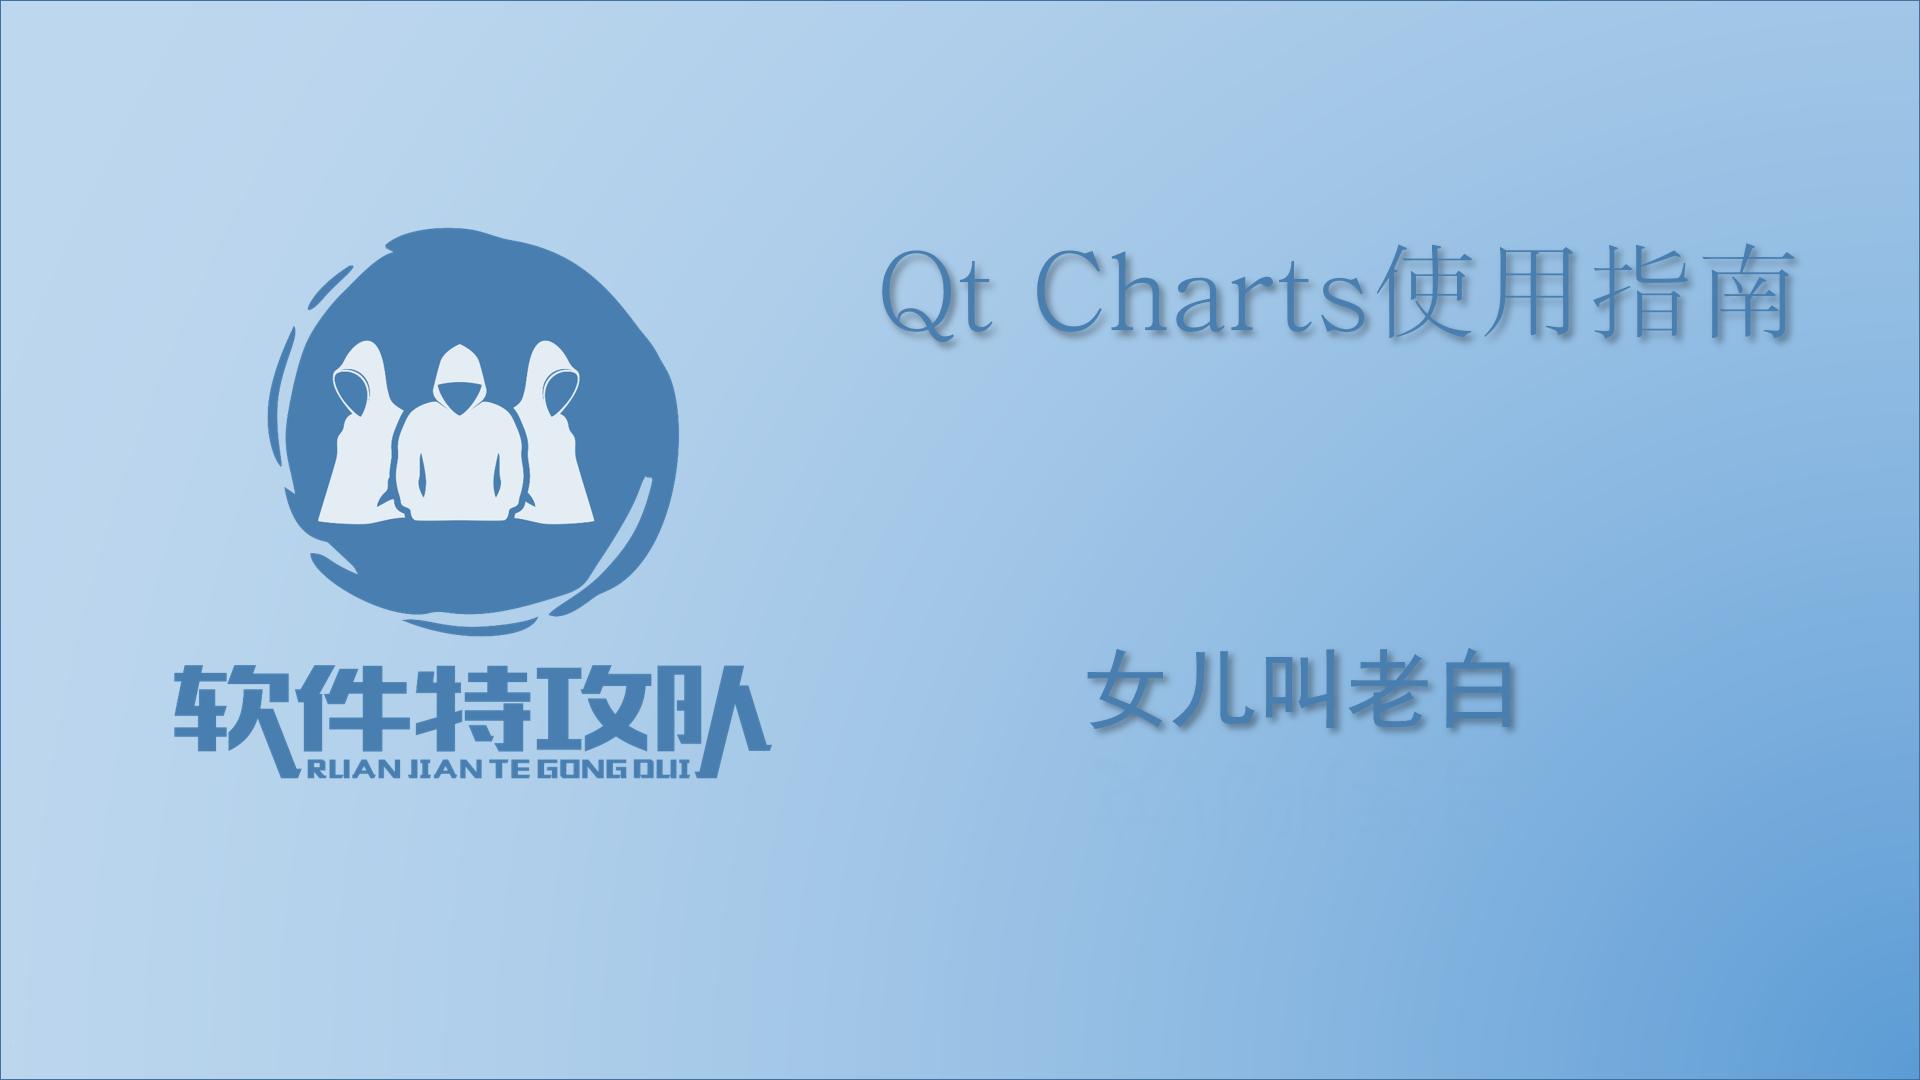 Qt Charts使用指南